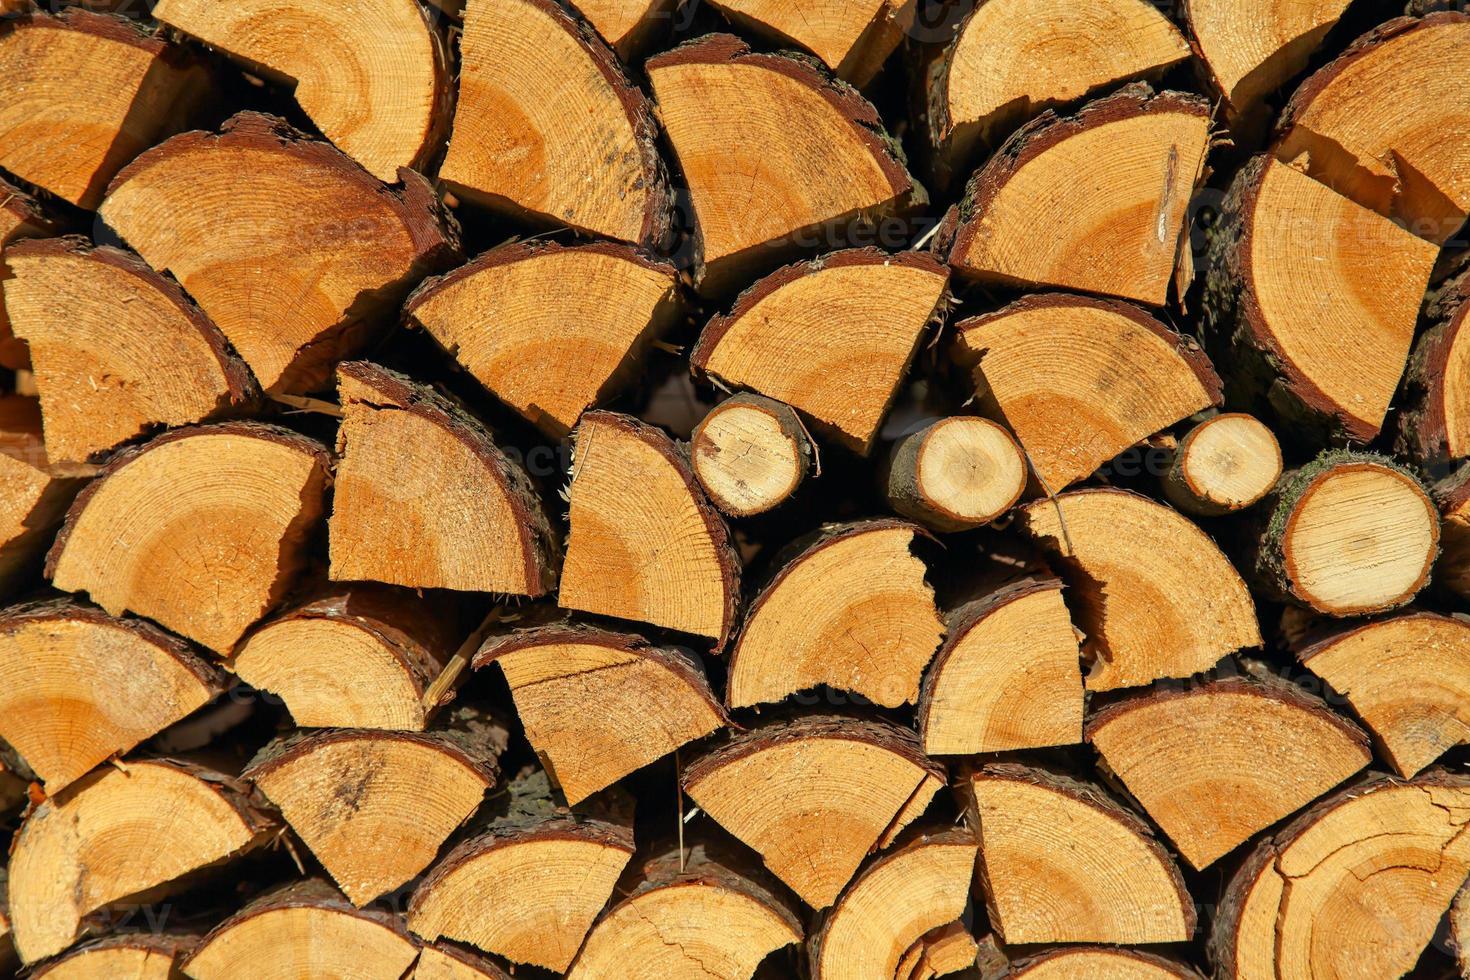 legno tritato impilato per l'inverno o la costruzione come sfondo foto